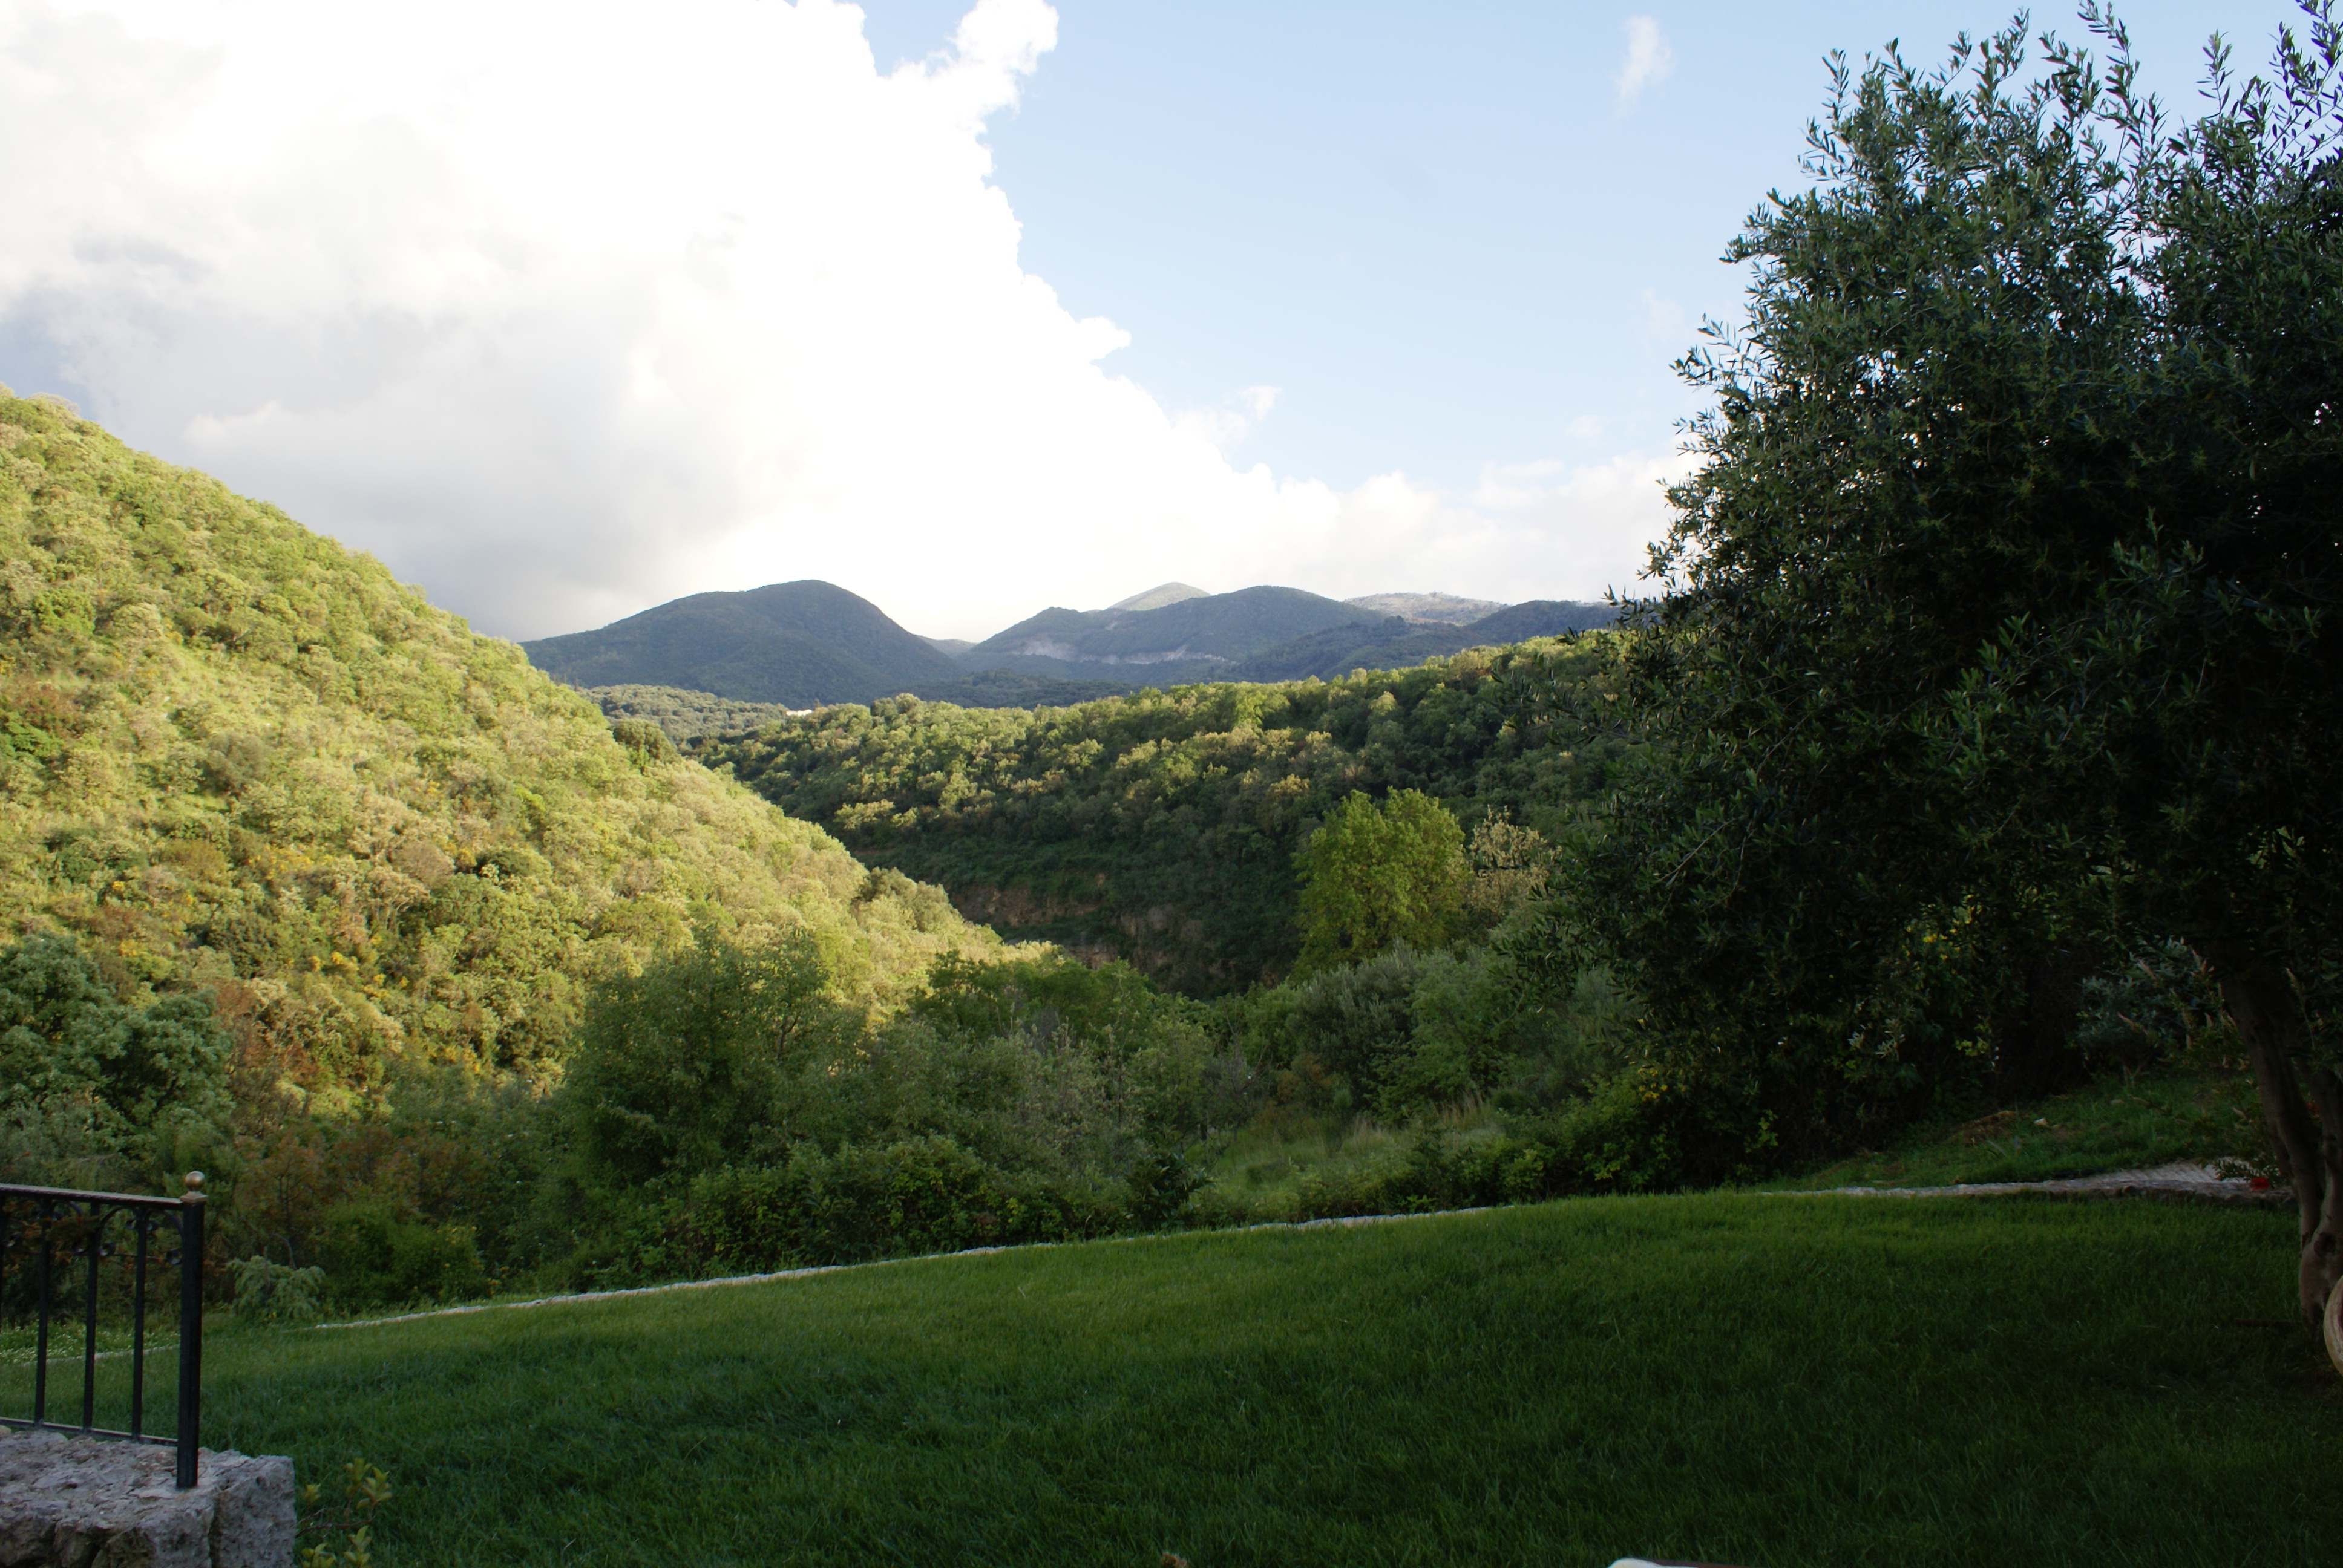 Garten - Korfu Villa Mare e Monti, Almiros, KorfuCorfu.de